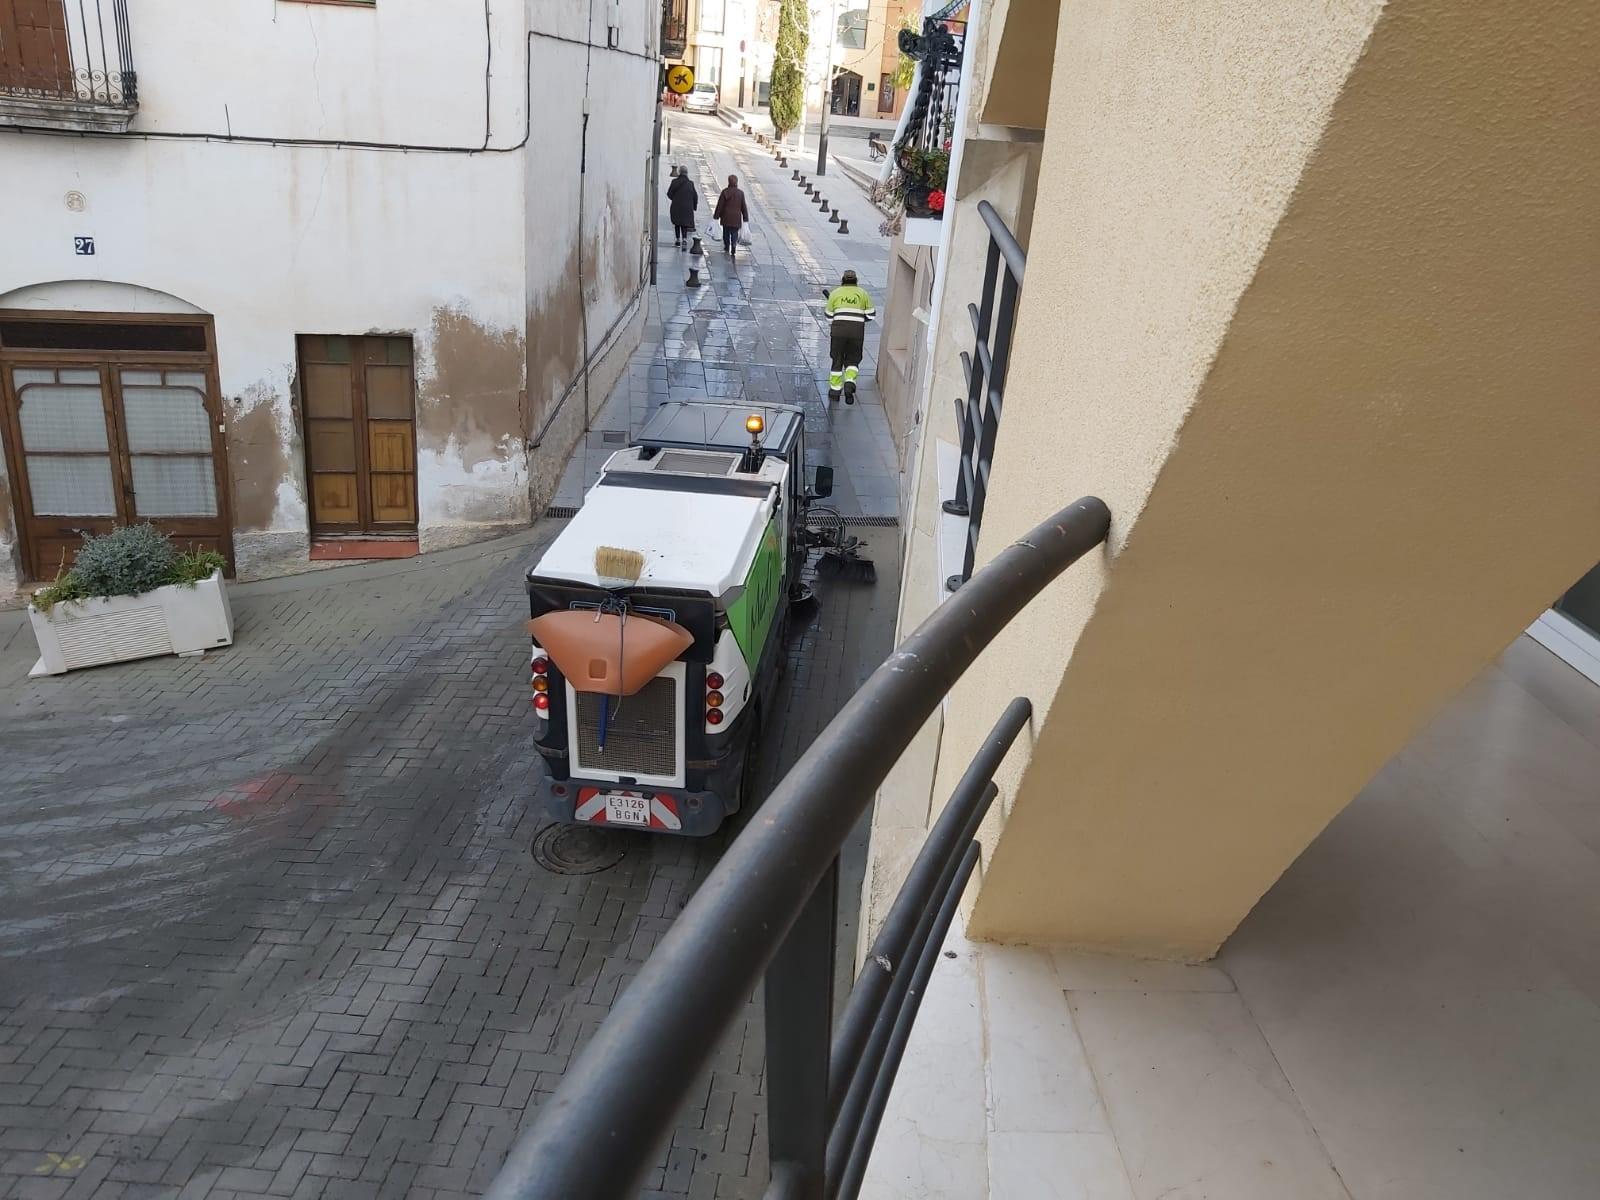 Comença una prova pilot per avaluar les necessitats reals de neteja i desbrossament de carrers del municipi